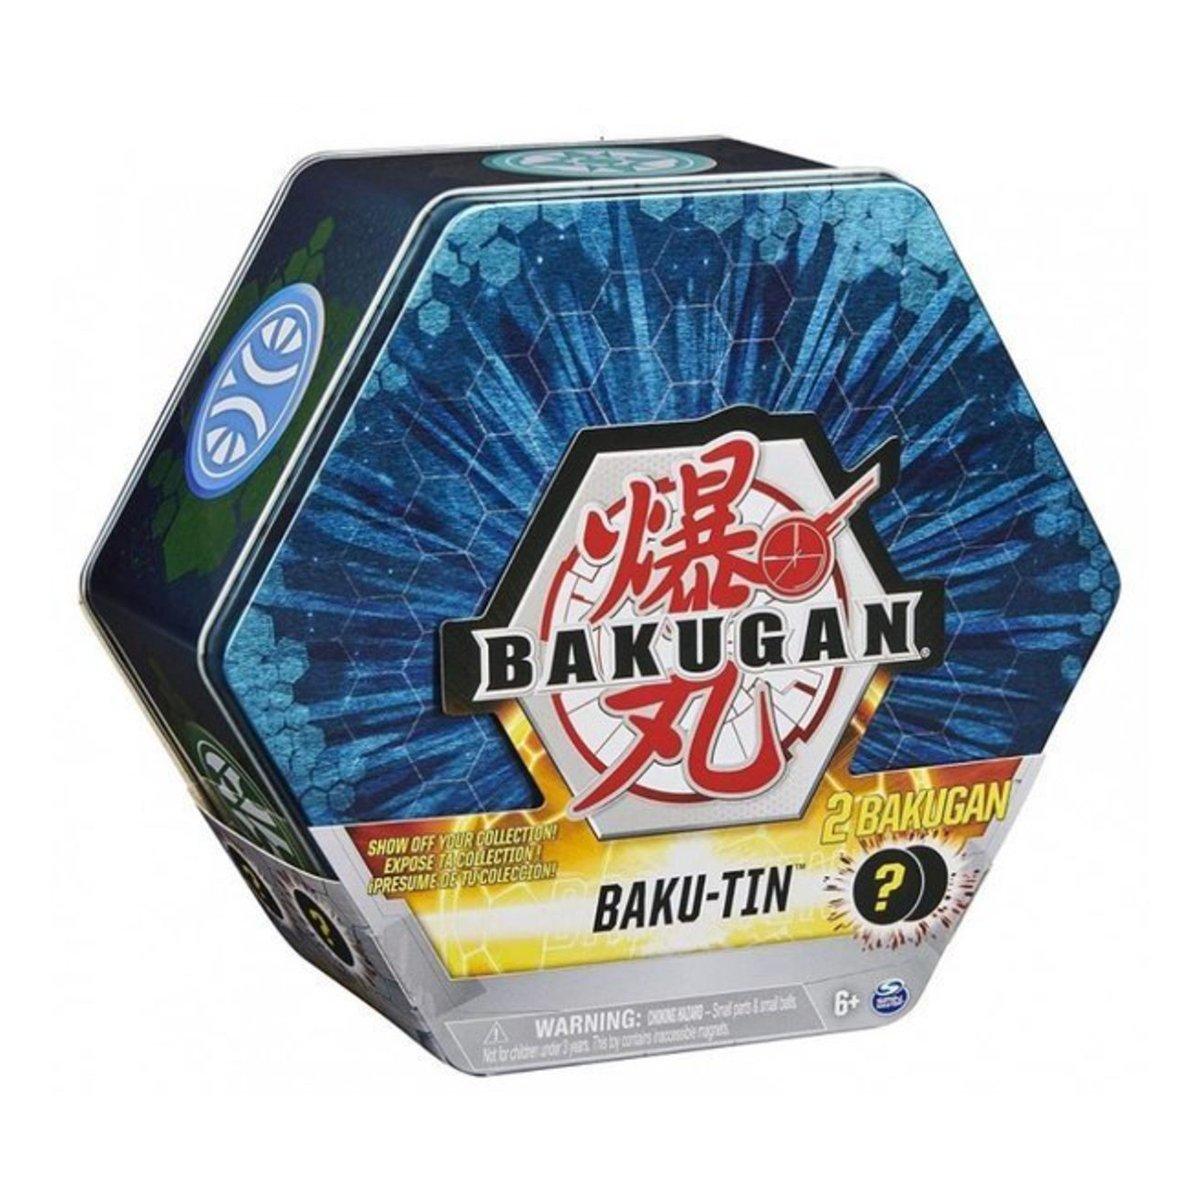 Set de joaca surpriza, Bakugan, Baku-tin, S3, 20129554